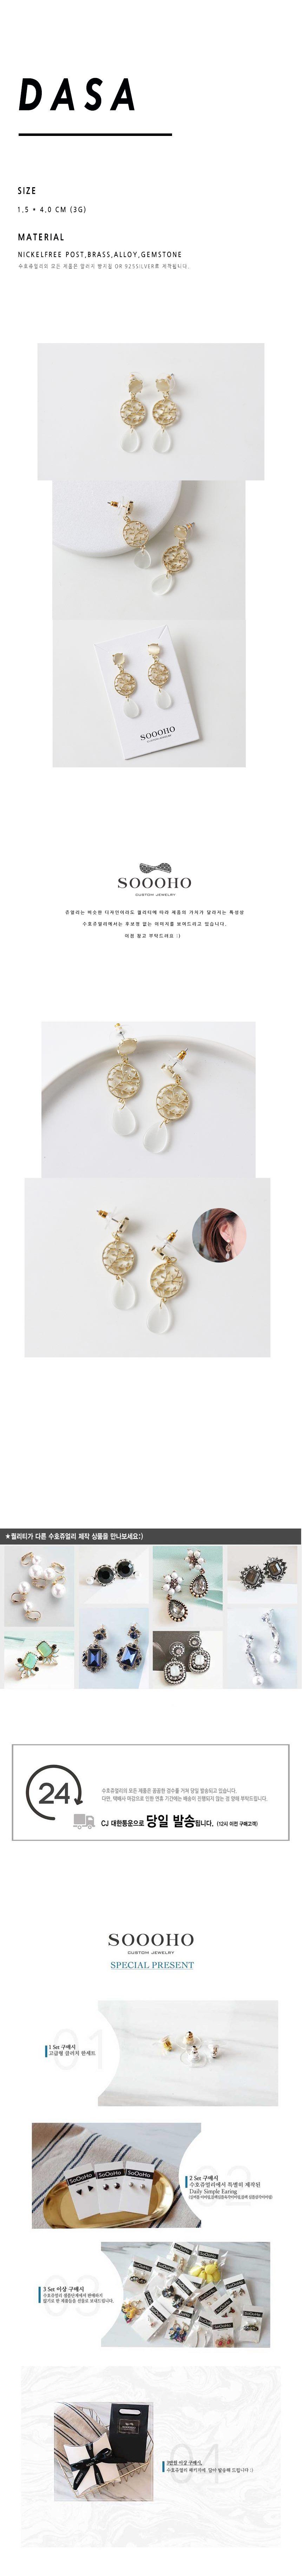 dasa 화이트자개 포인트 드림캐쳐 드롭귀걸이 - 수호쥬얼리, 15,500원, 진주/원석, 드롭귀걸이